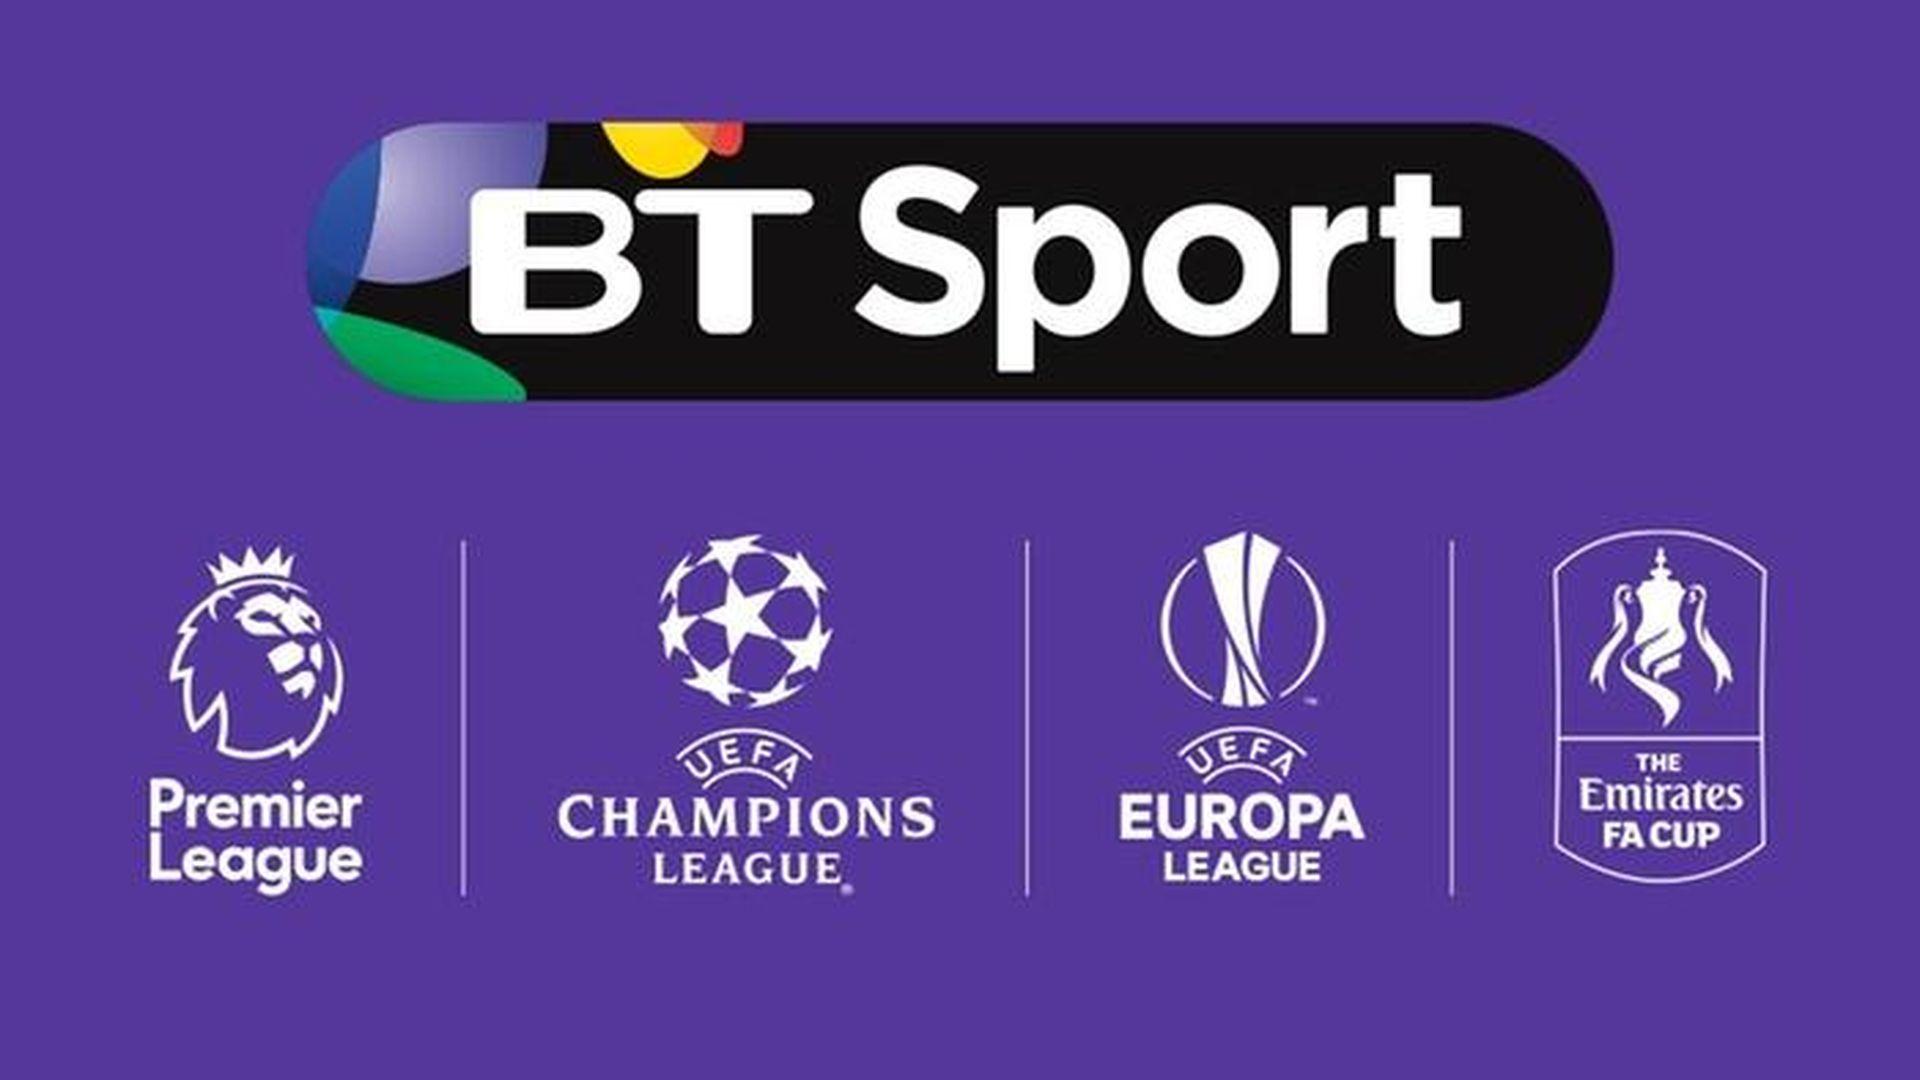 bt - Tv. L'annuncio della Superlega calcio fa volare i titoli di Juventus e Manchester e scatena l'ira dei politici. I principali numeri ed un'analisi della questione diritti